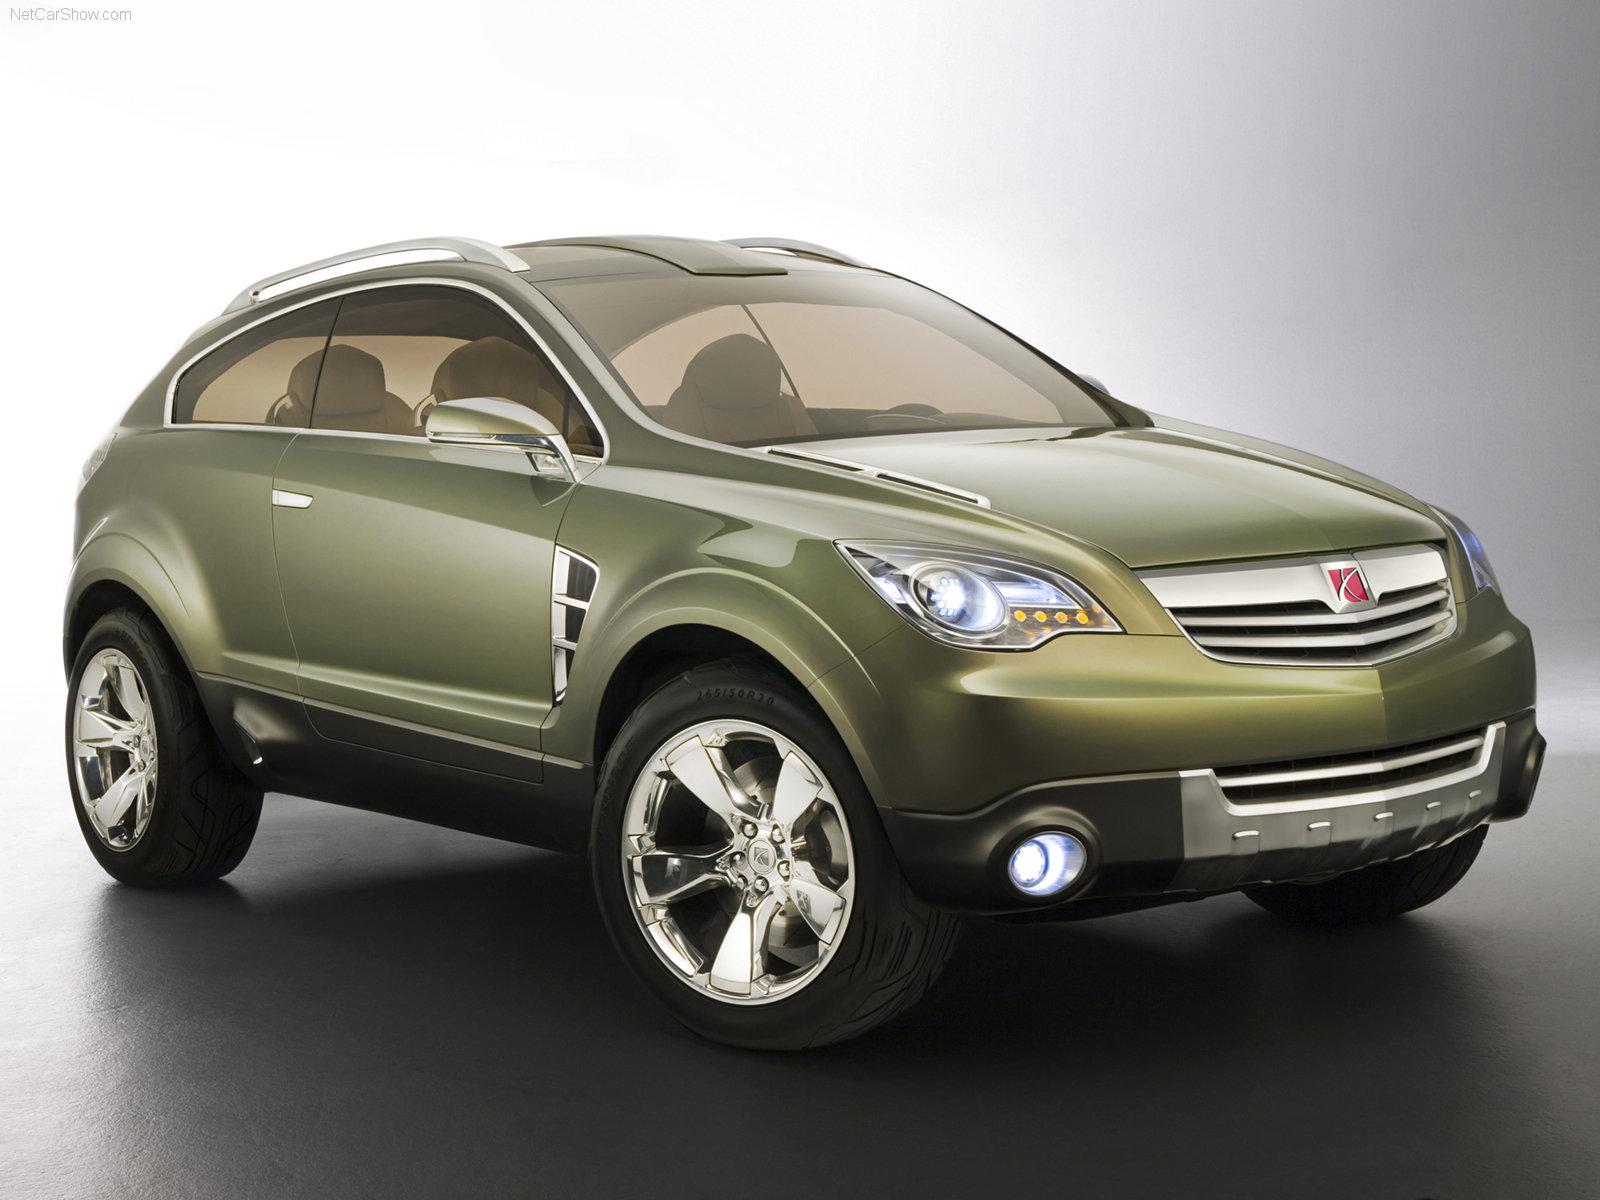 Hình ảnh xe ô tô Saturn PreVue Concept 2006 & nội ngoại thất